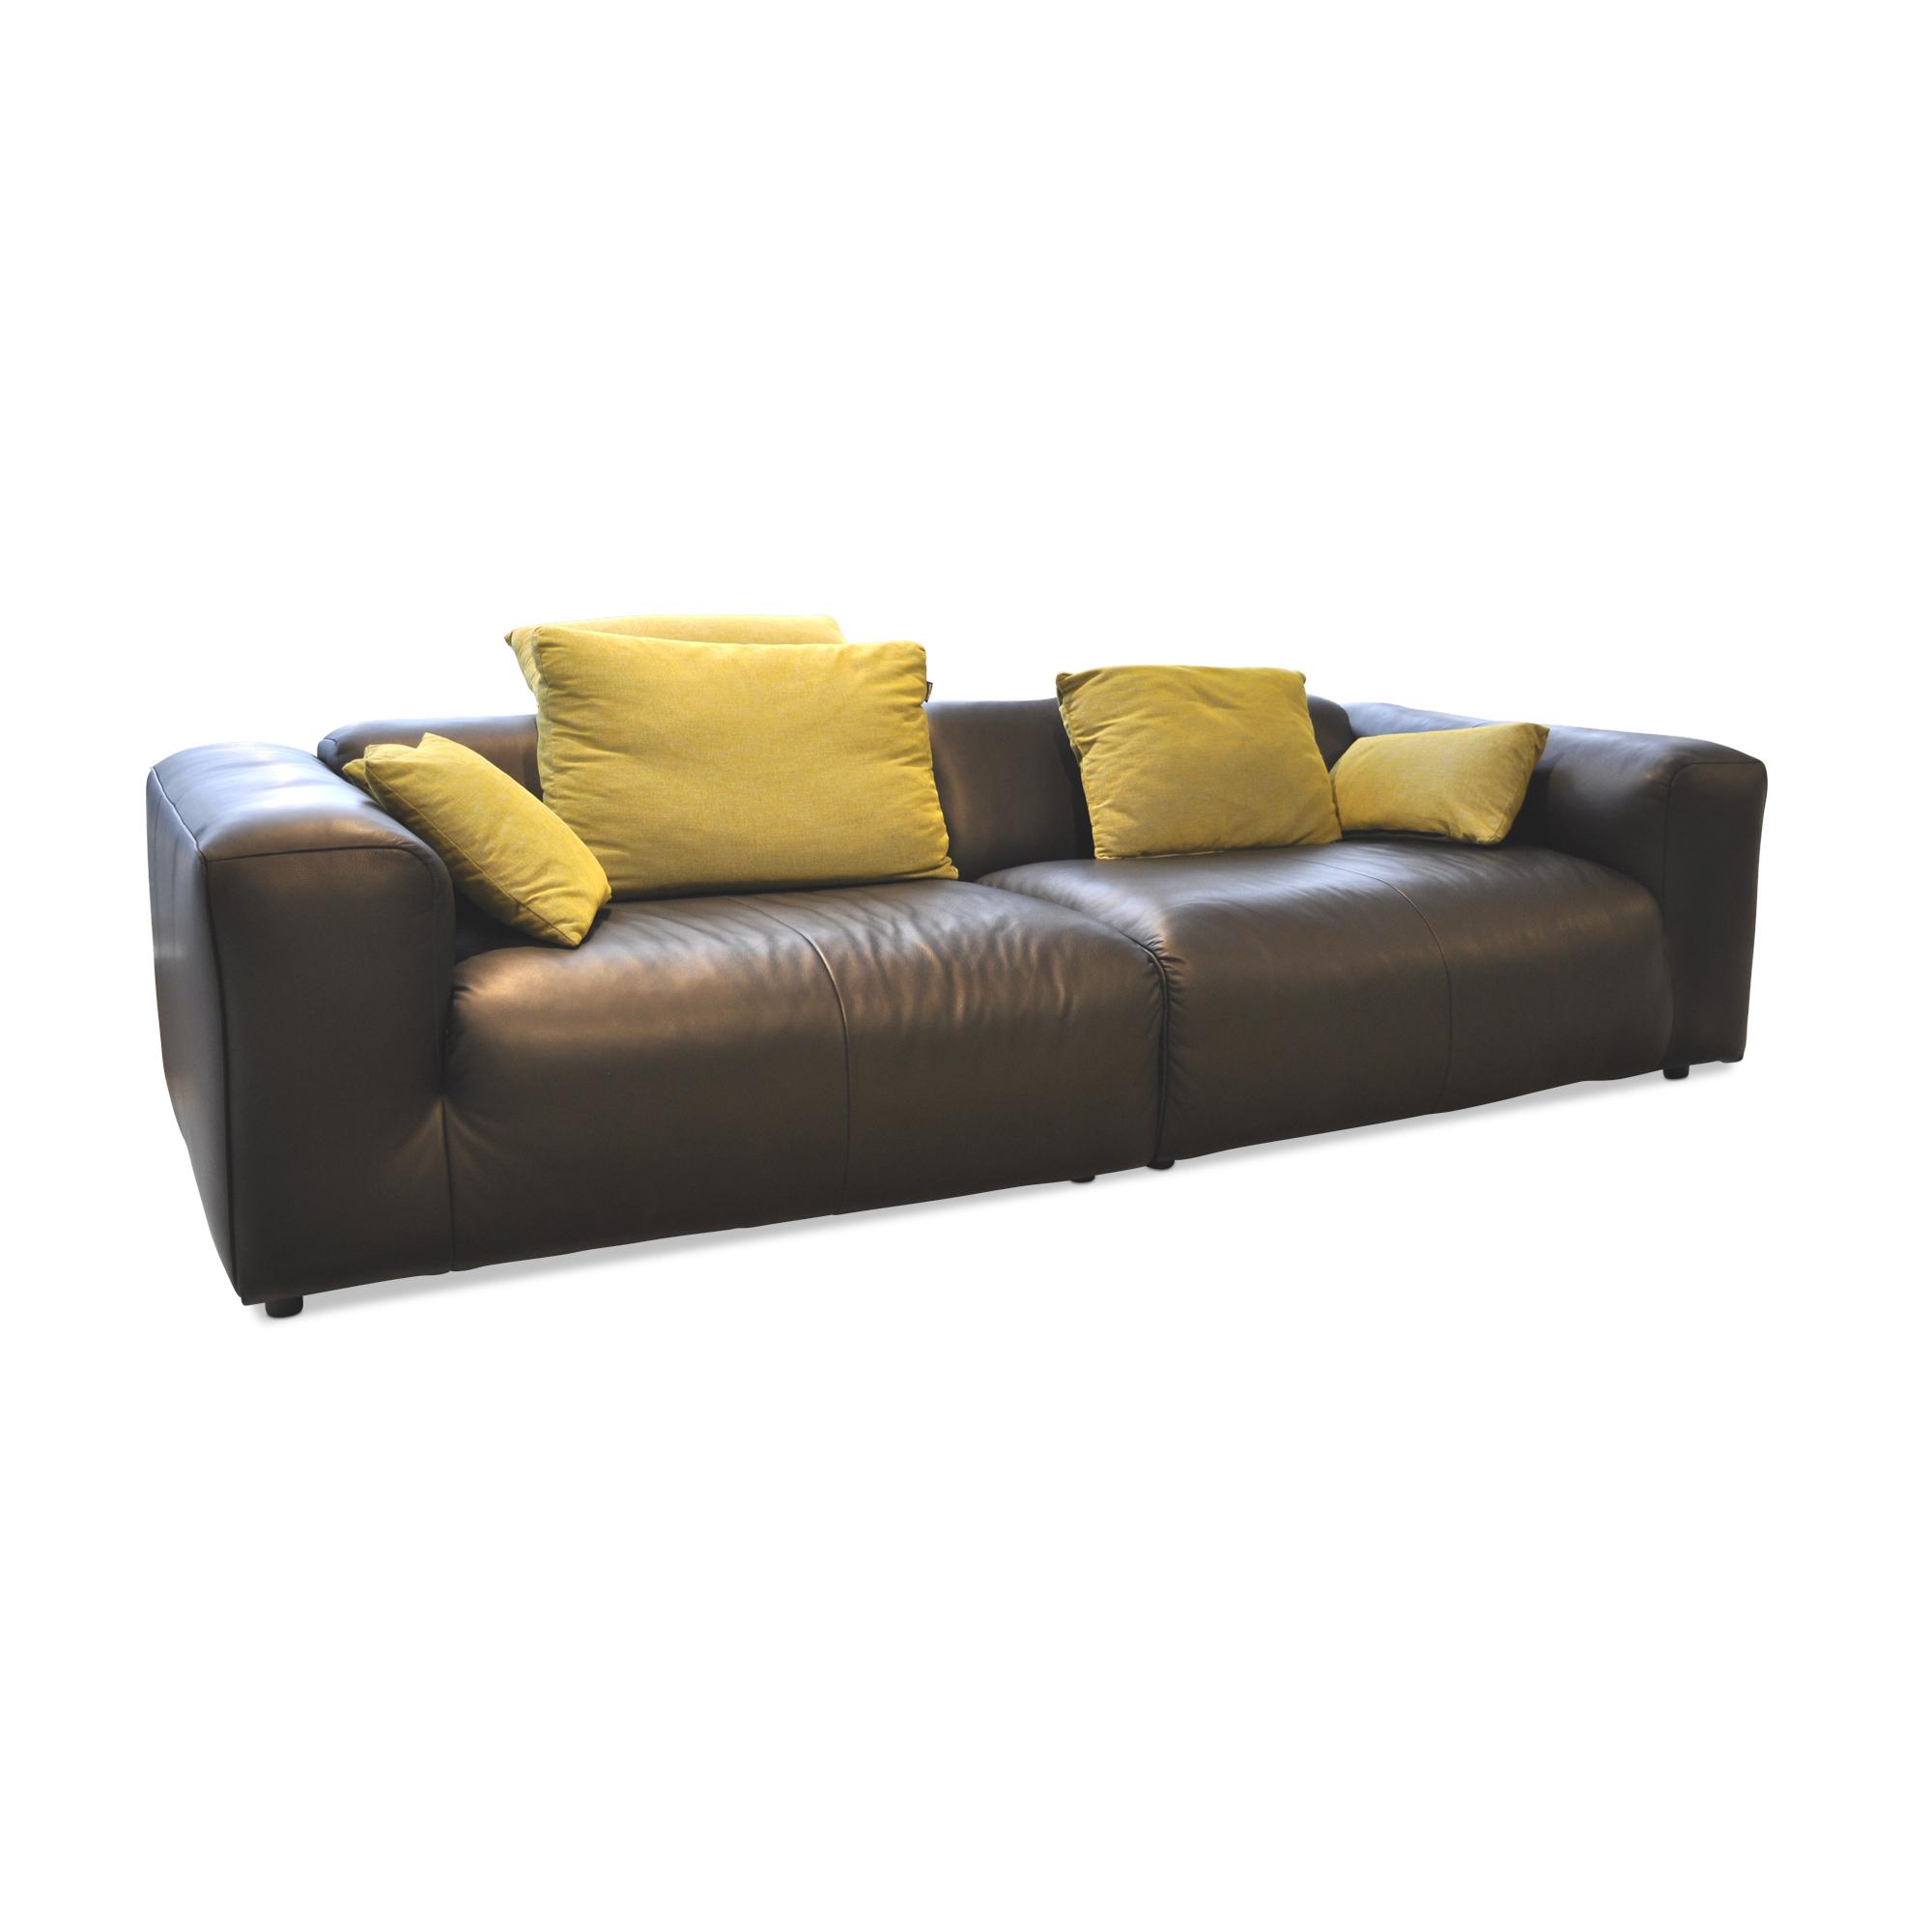 gnstiges latest excellent awesome gnstiges badmbel set list mdf wei mit markanten frsungen with. Black Bedroom Furniture Sets. Home Design Ideas